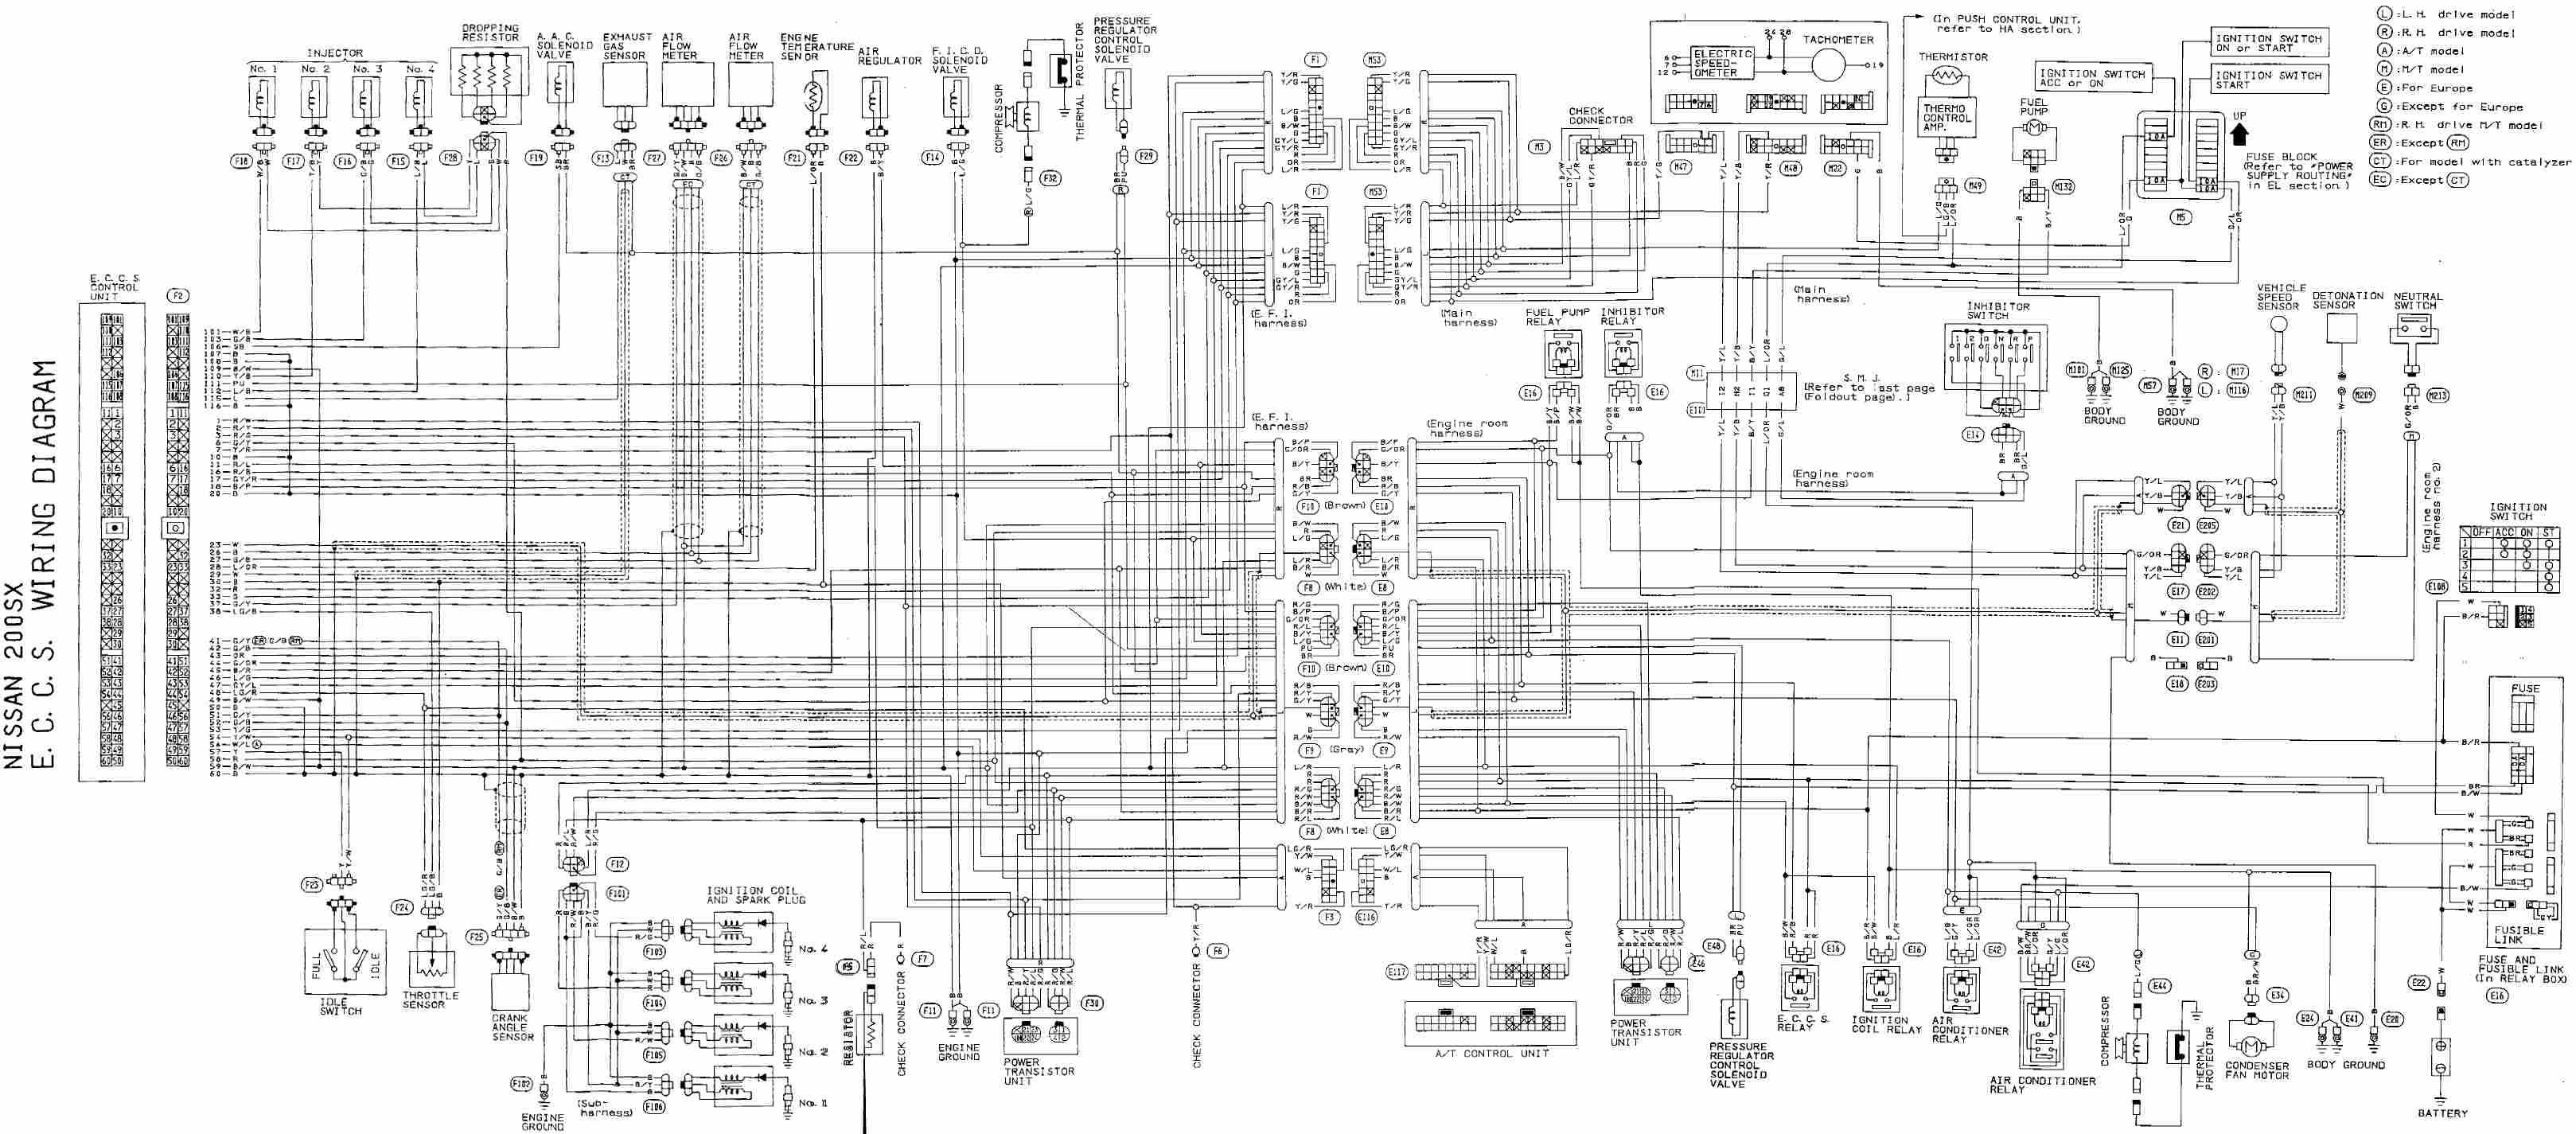 medium resolution of 350z engine wiring diagram wiring diagrams2003 nissan 350z wiring diagram wiring diagram box 350z engine wiring